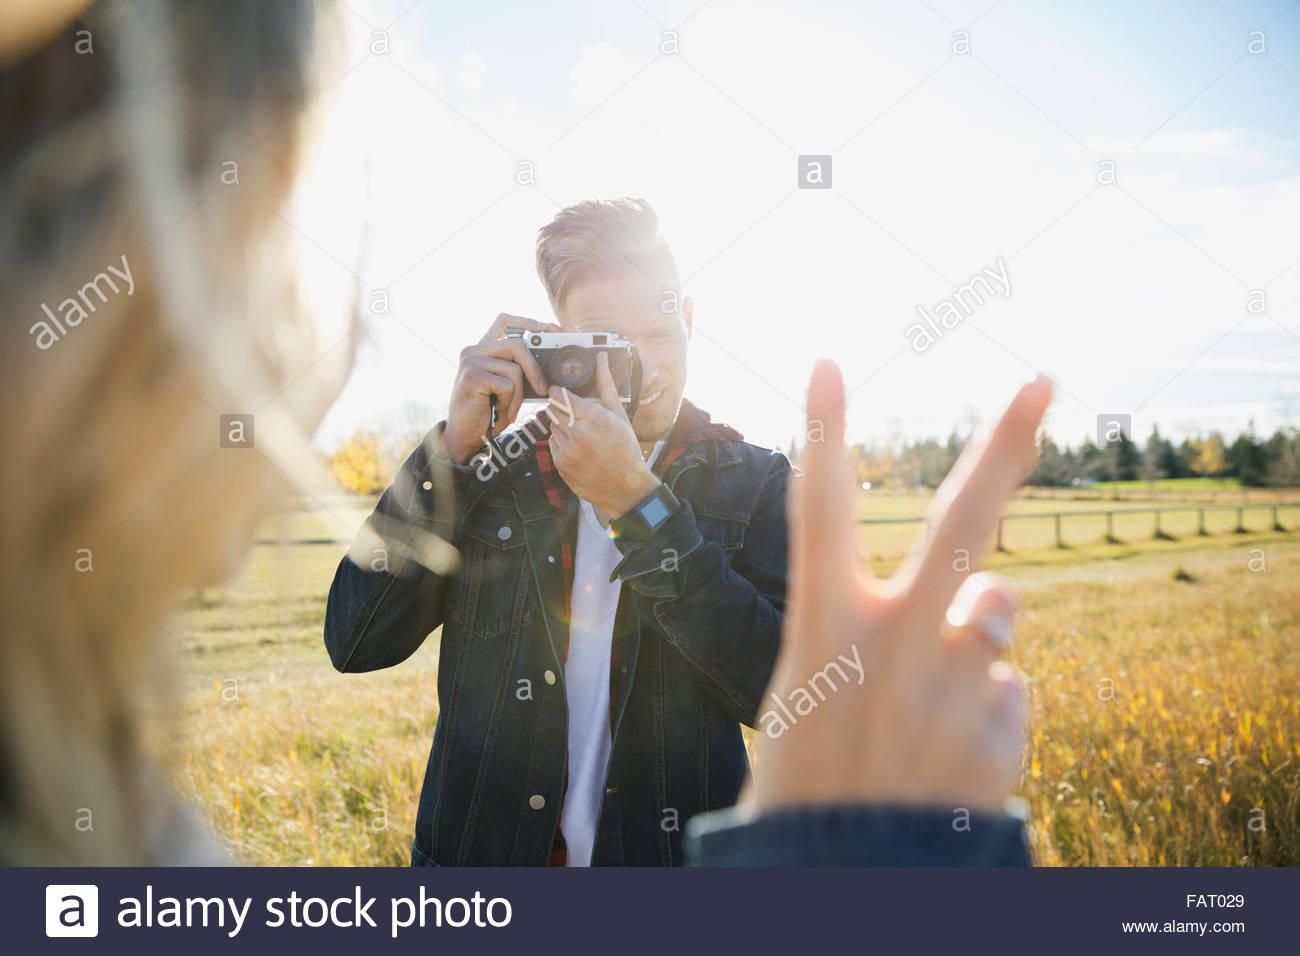 Giovane ragazza fotografare gesti segno di pace Immagini Stock